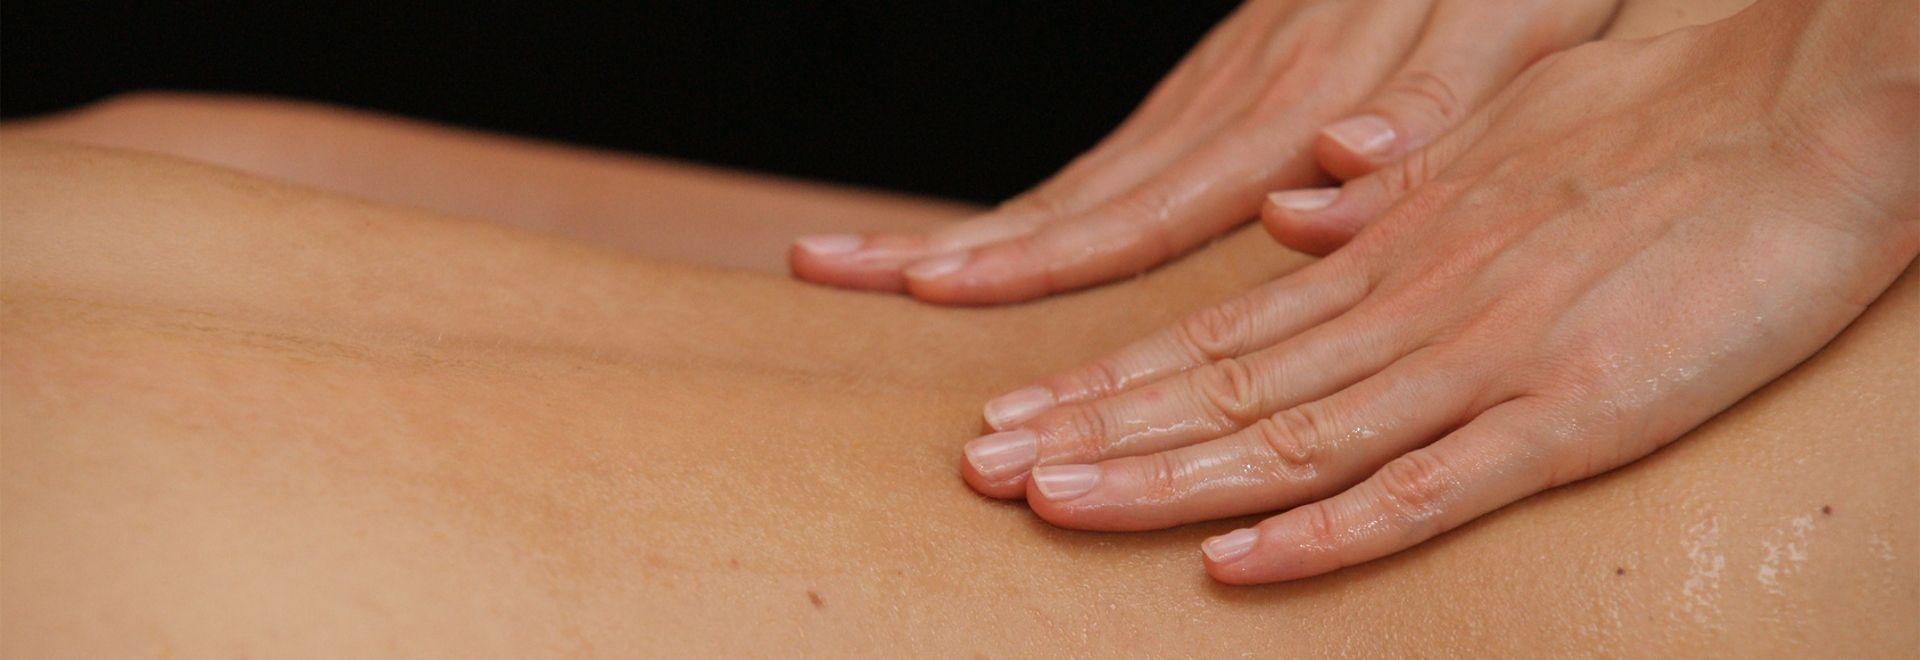 Praktisches Üben: die Wellnessmassage lernen